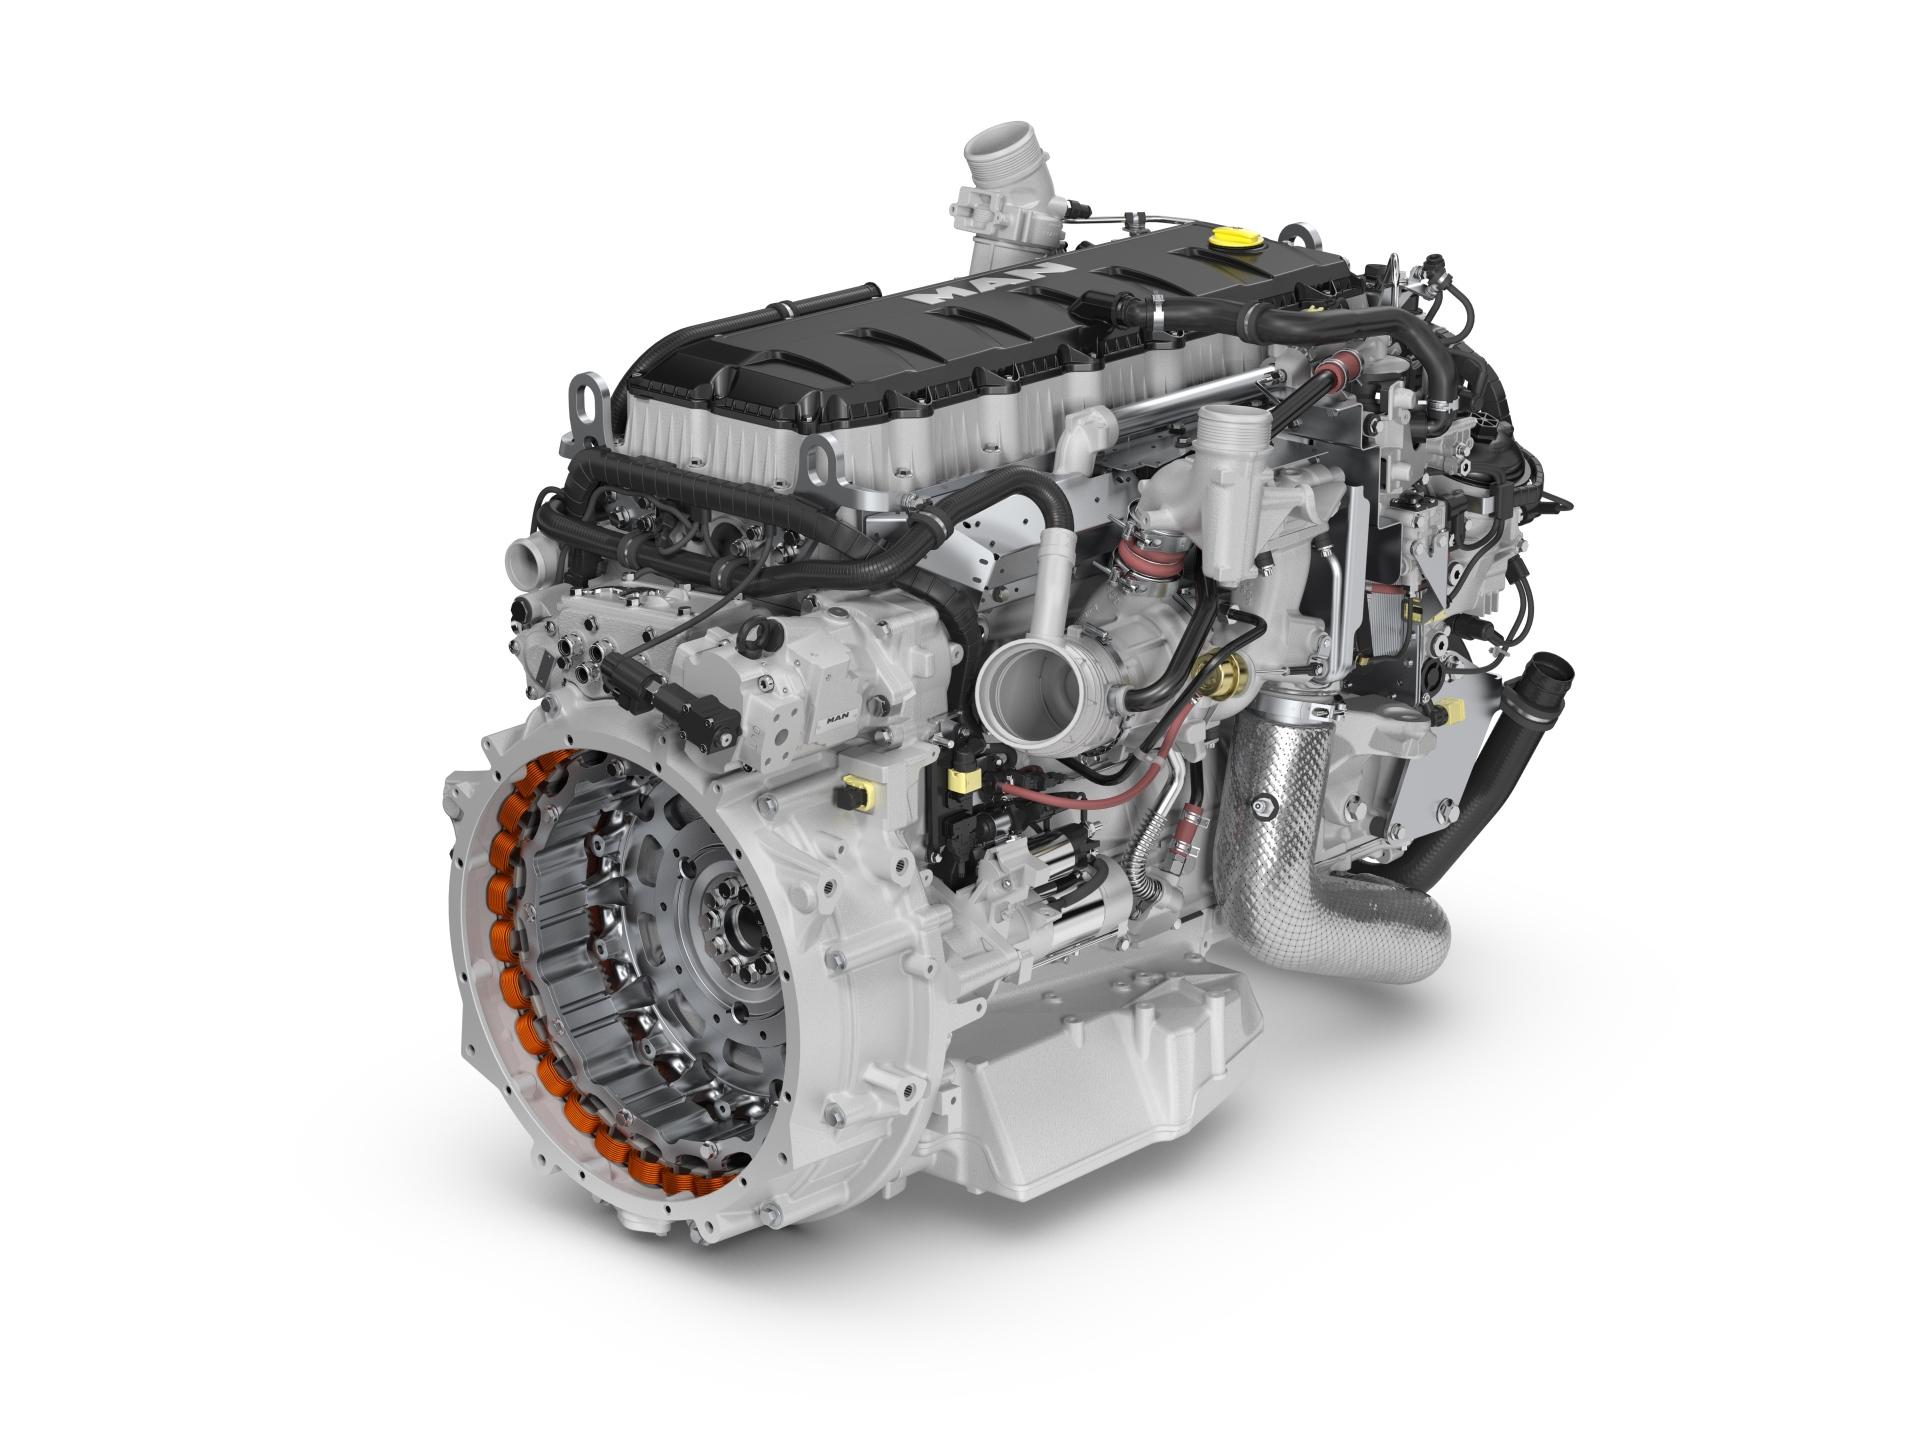 p_engine_d1556_ksg.jpg